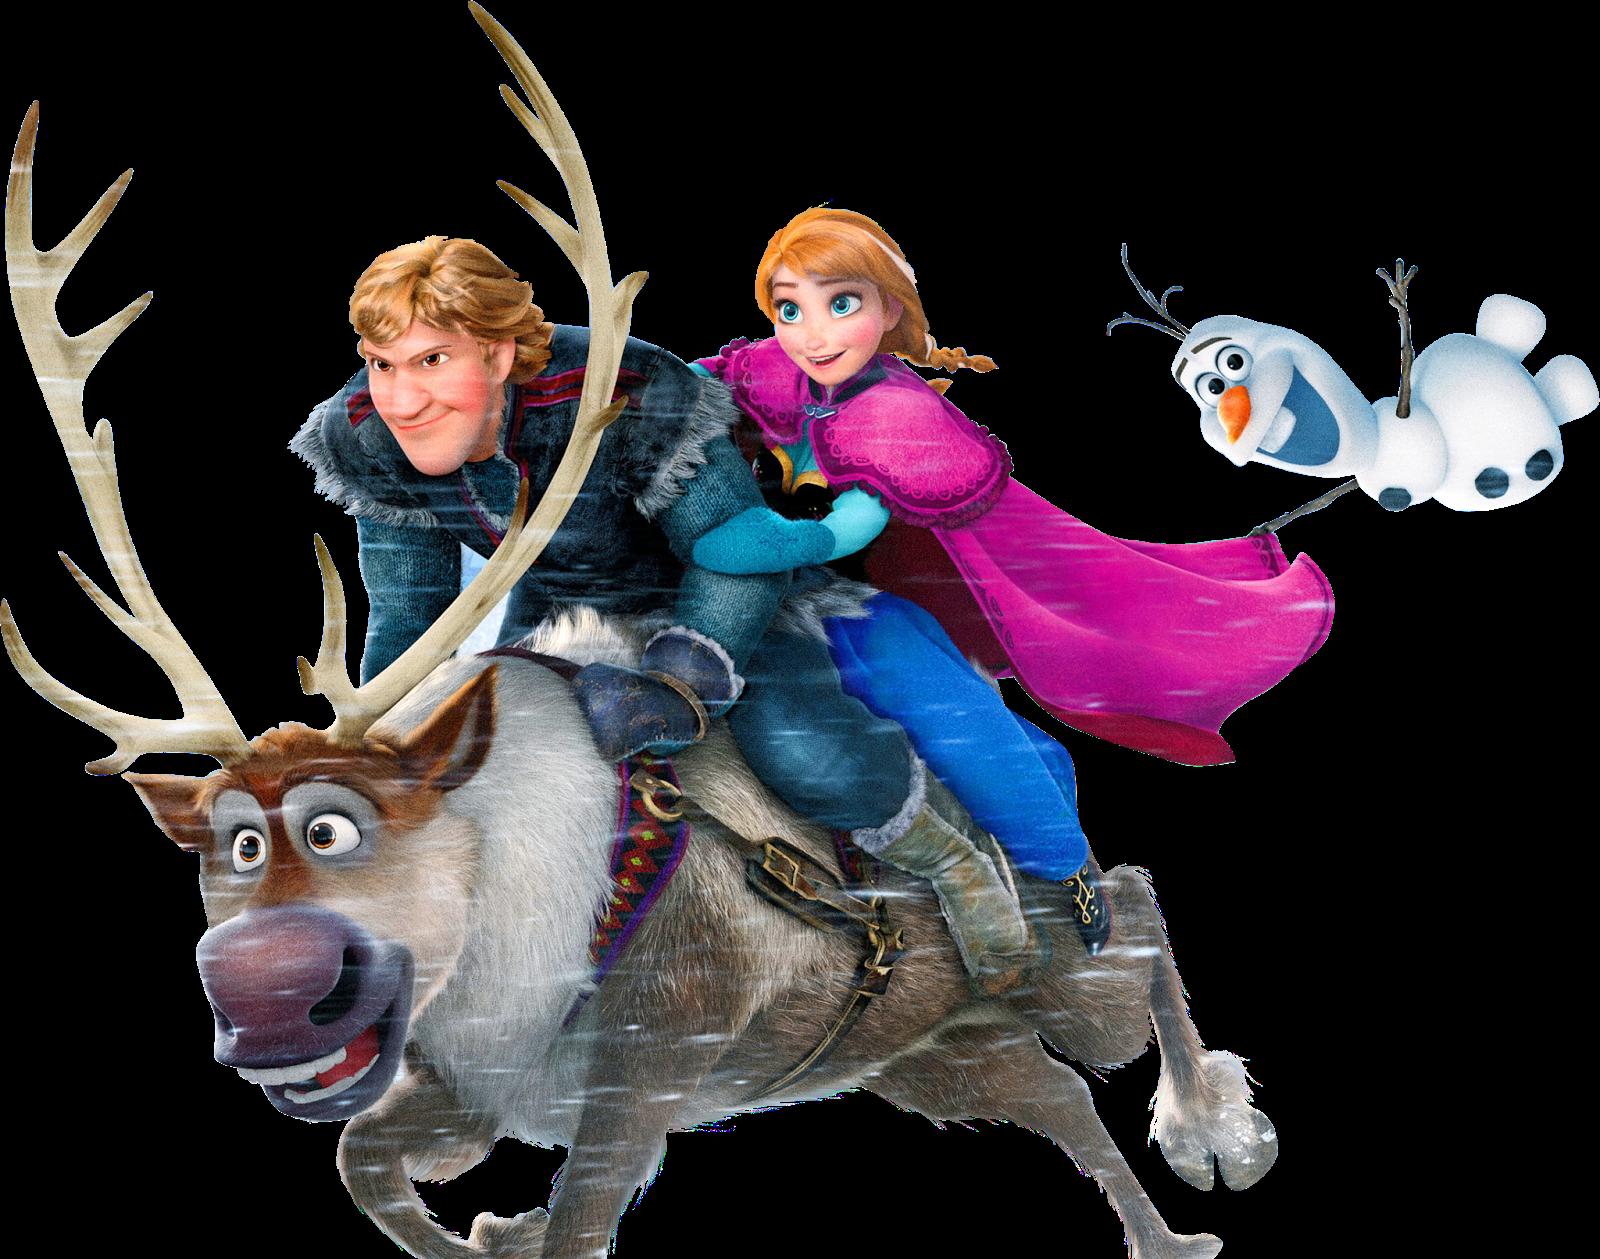 Frozen png transparent images. Olaf clipart clip art